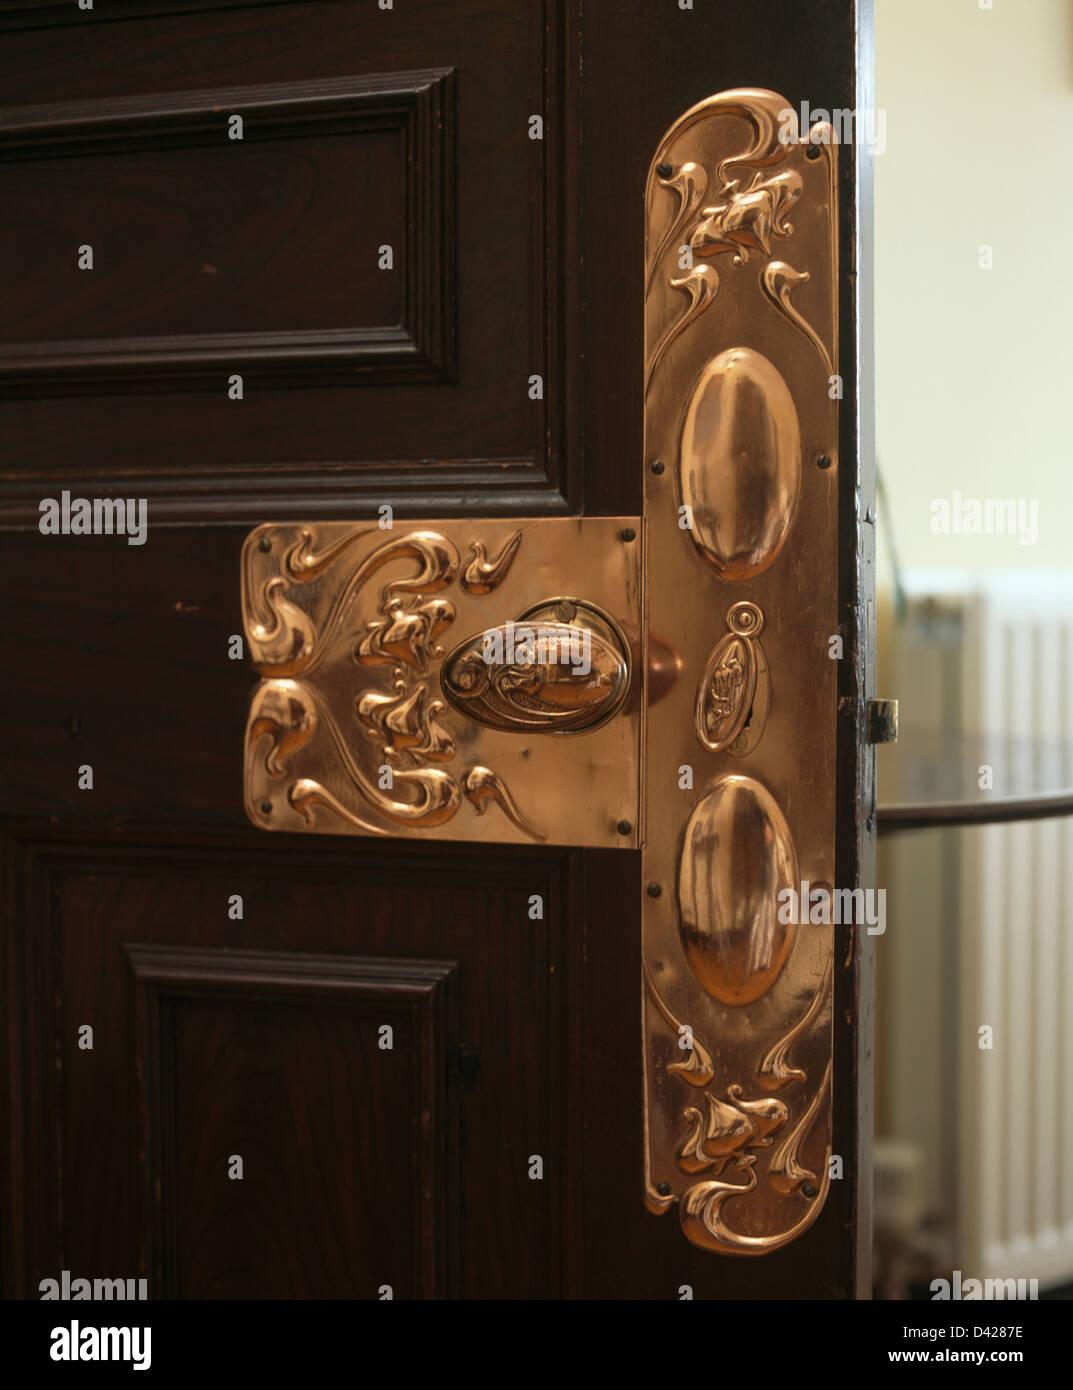 plate art nouveau stock photos plate art nouveau stock. Black Bedroom Furniture Sets. Home Design Ideas